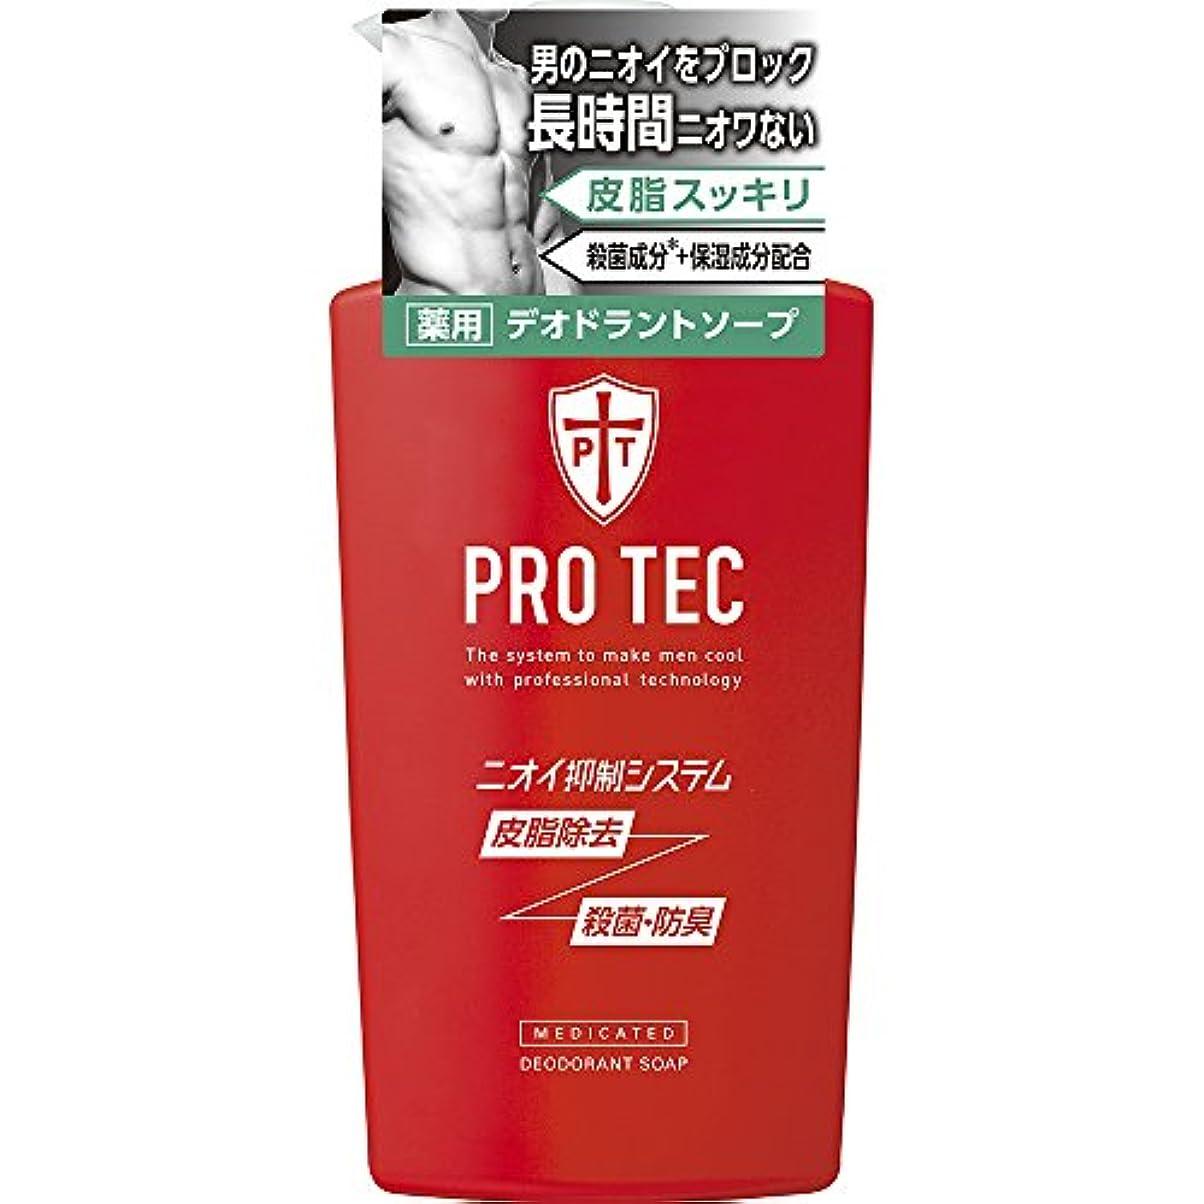 賛辞貞安価なPRO TEC(プロテク) デオドラントソープ 本体ポンプ 420ml